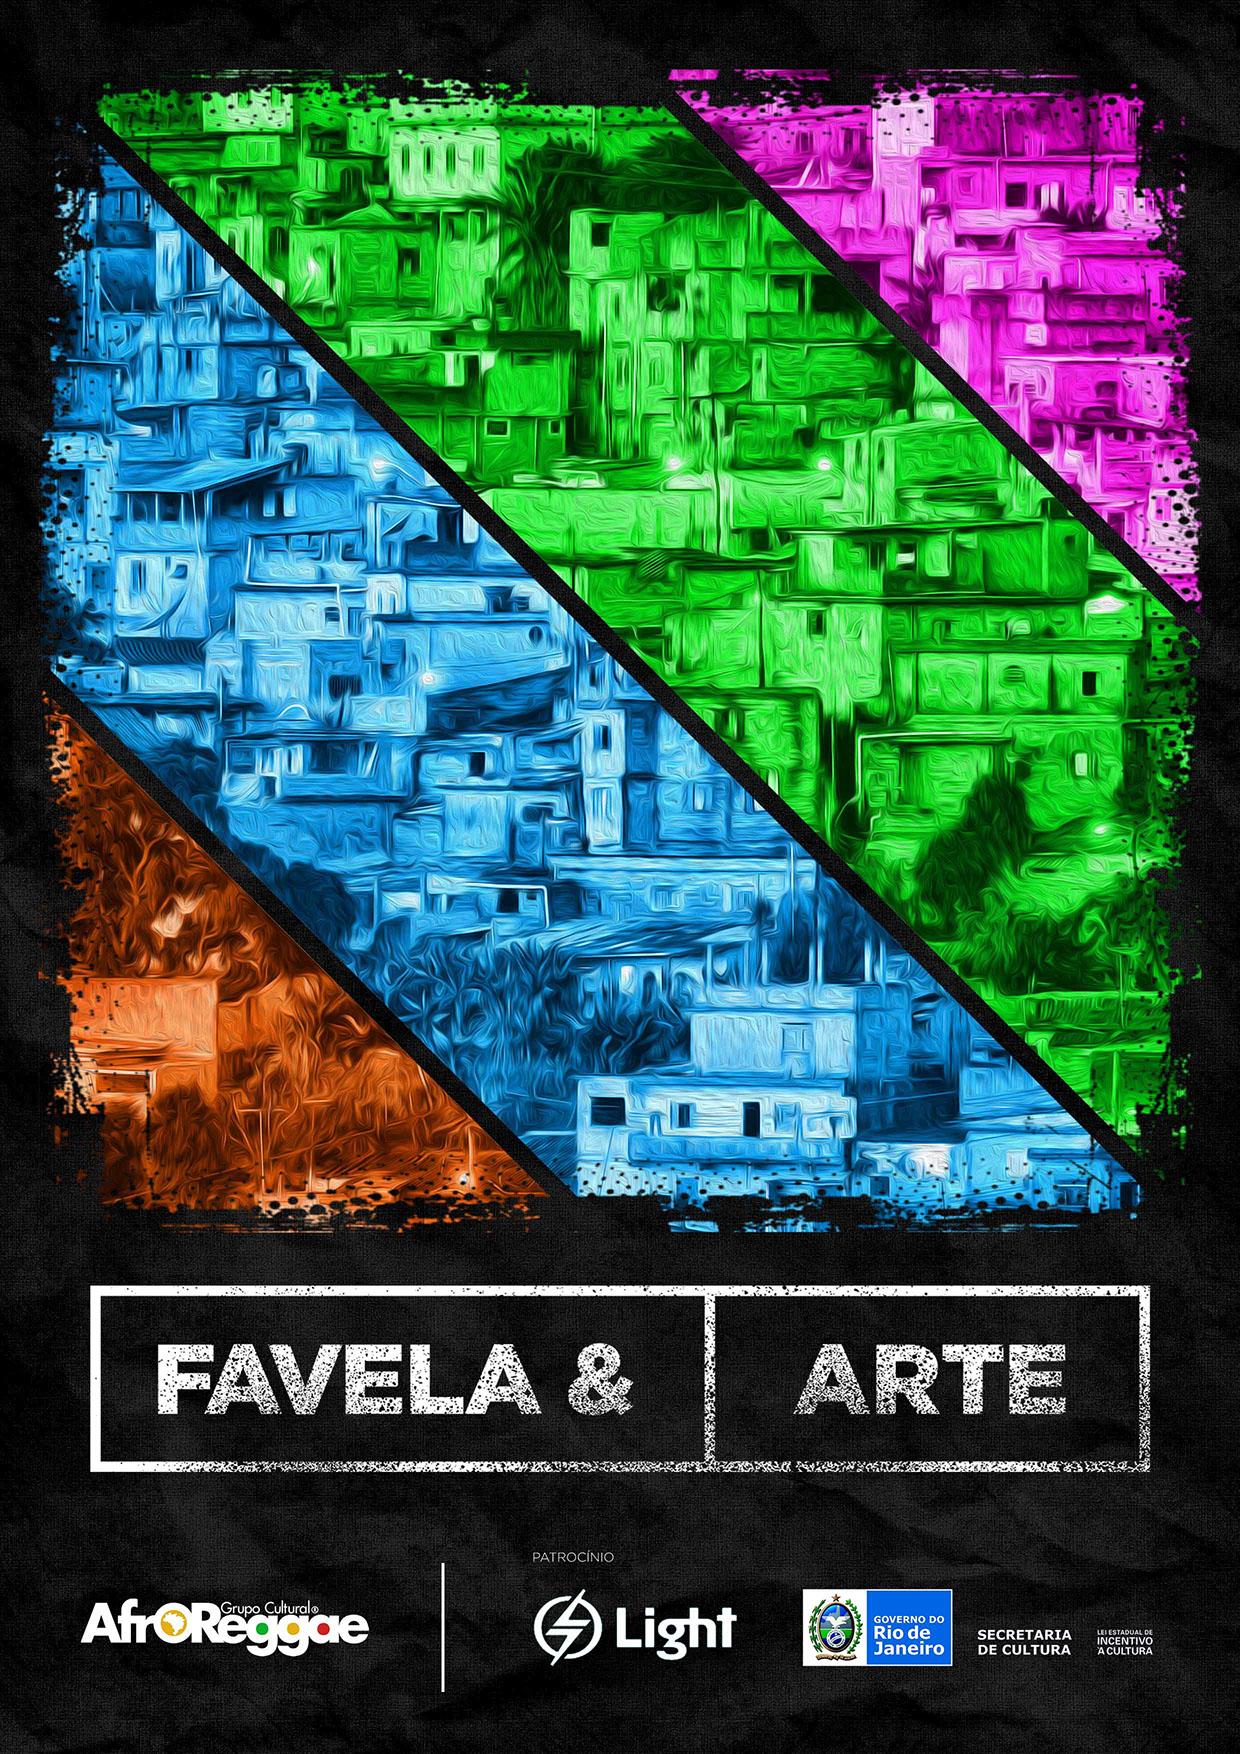 FAVELA 03